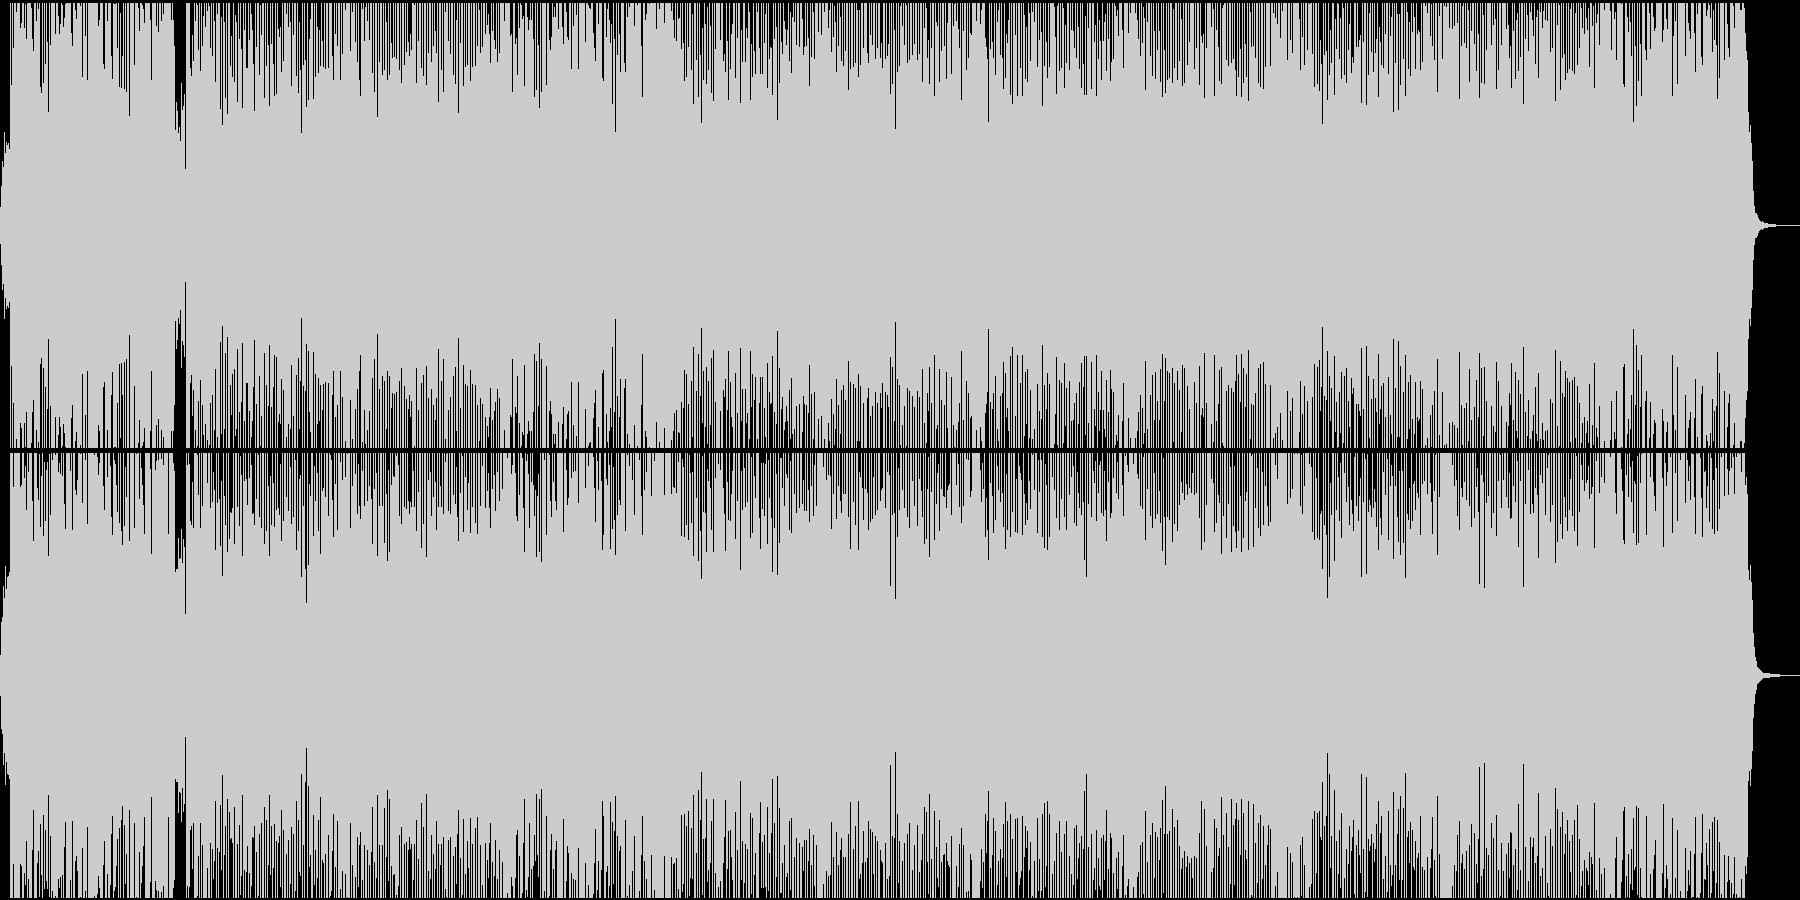 キャッチーな三味線ハードロック掛け声ありの未再生の波形